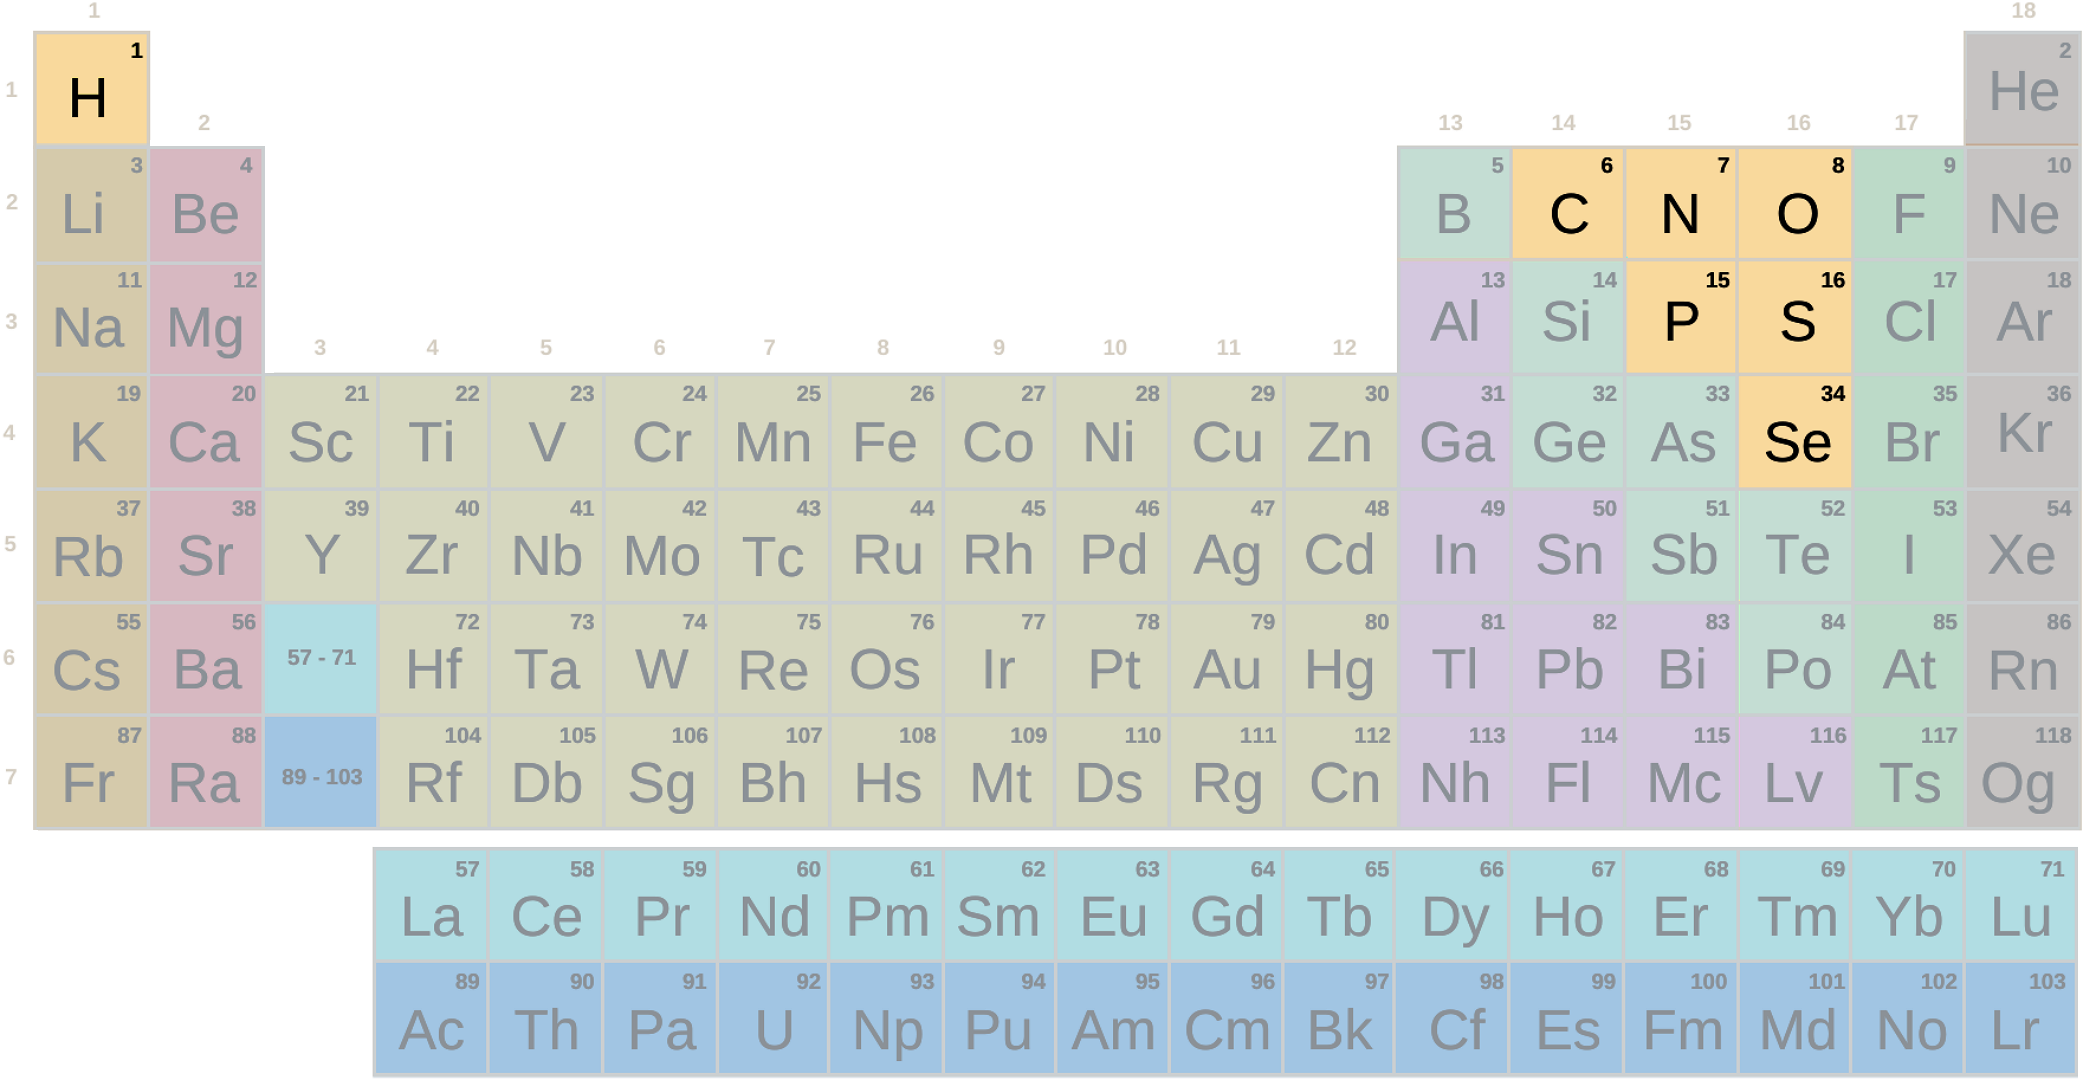 Taula periodikoa, metalak ez diren ikurren taldea (Bigarren Hezkuntza - Batxilergoa)